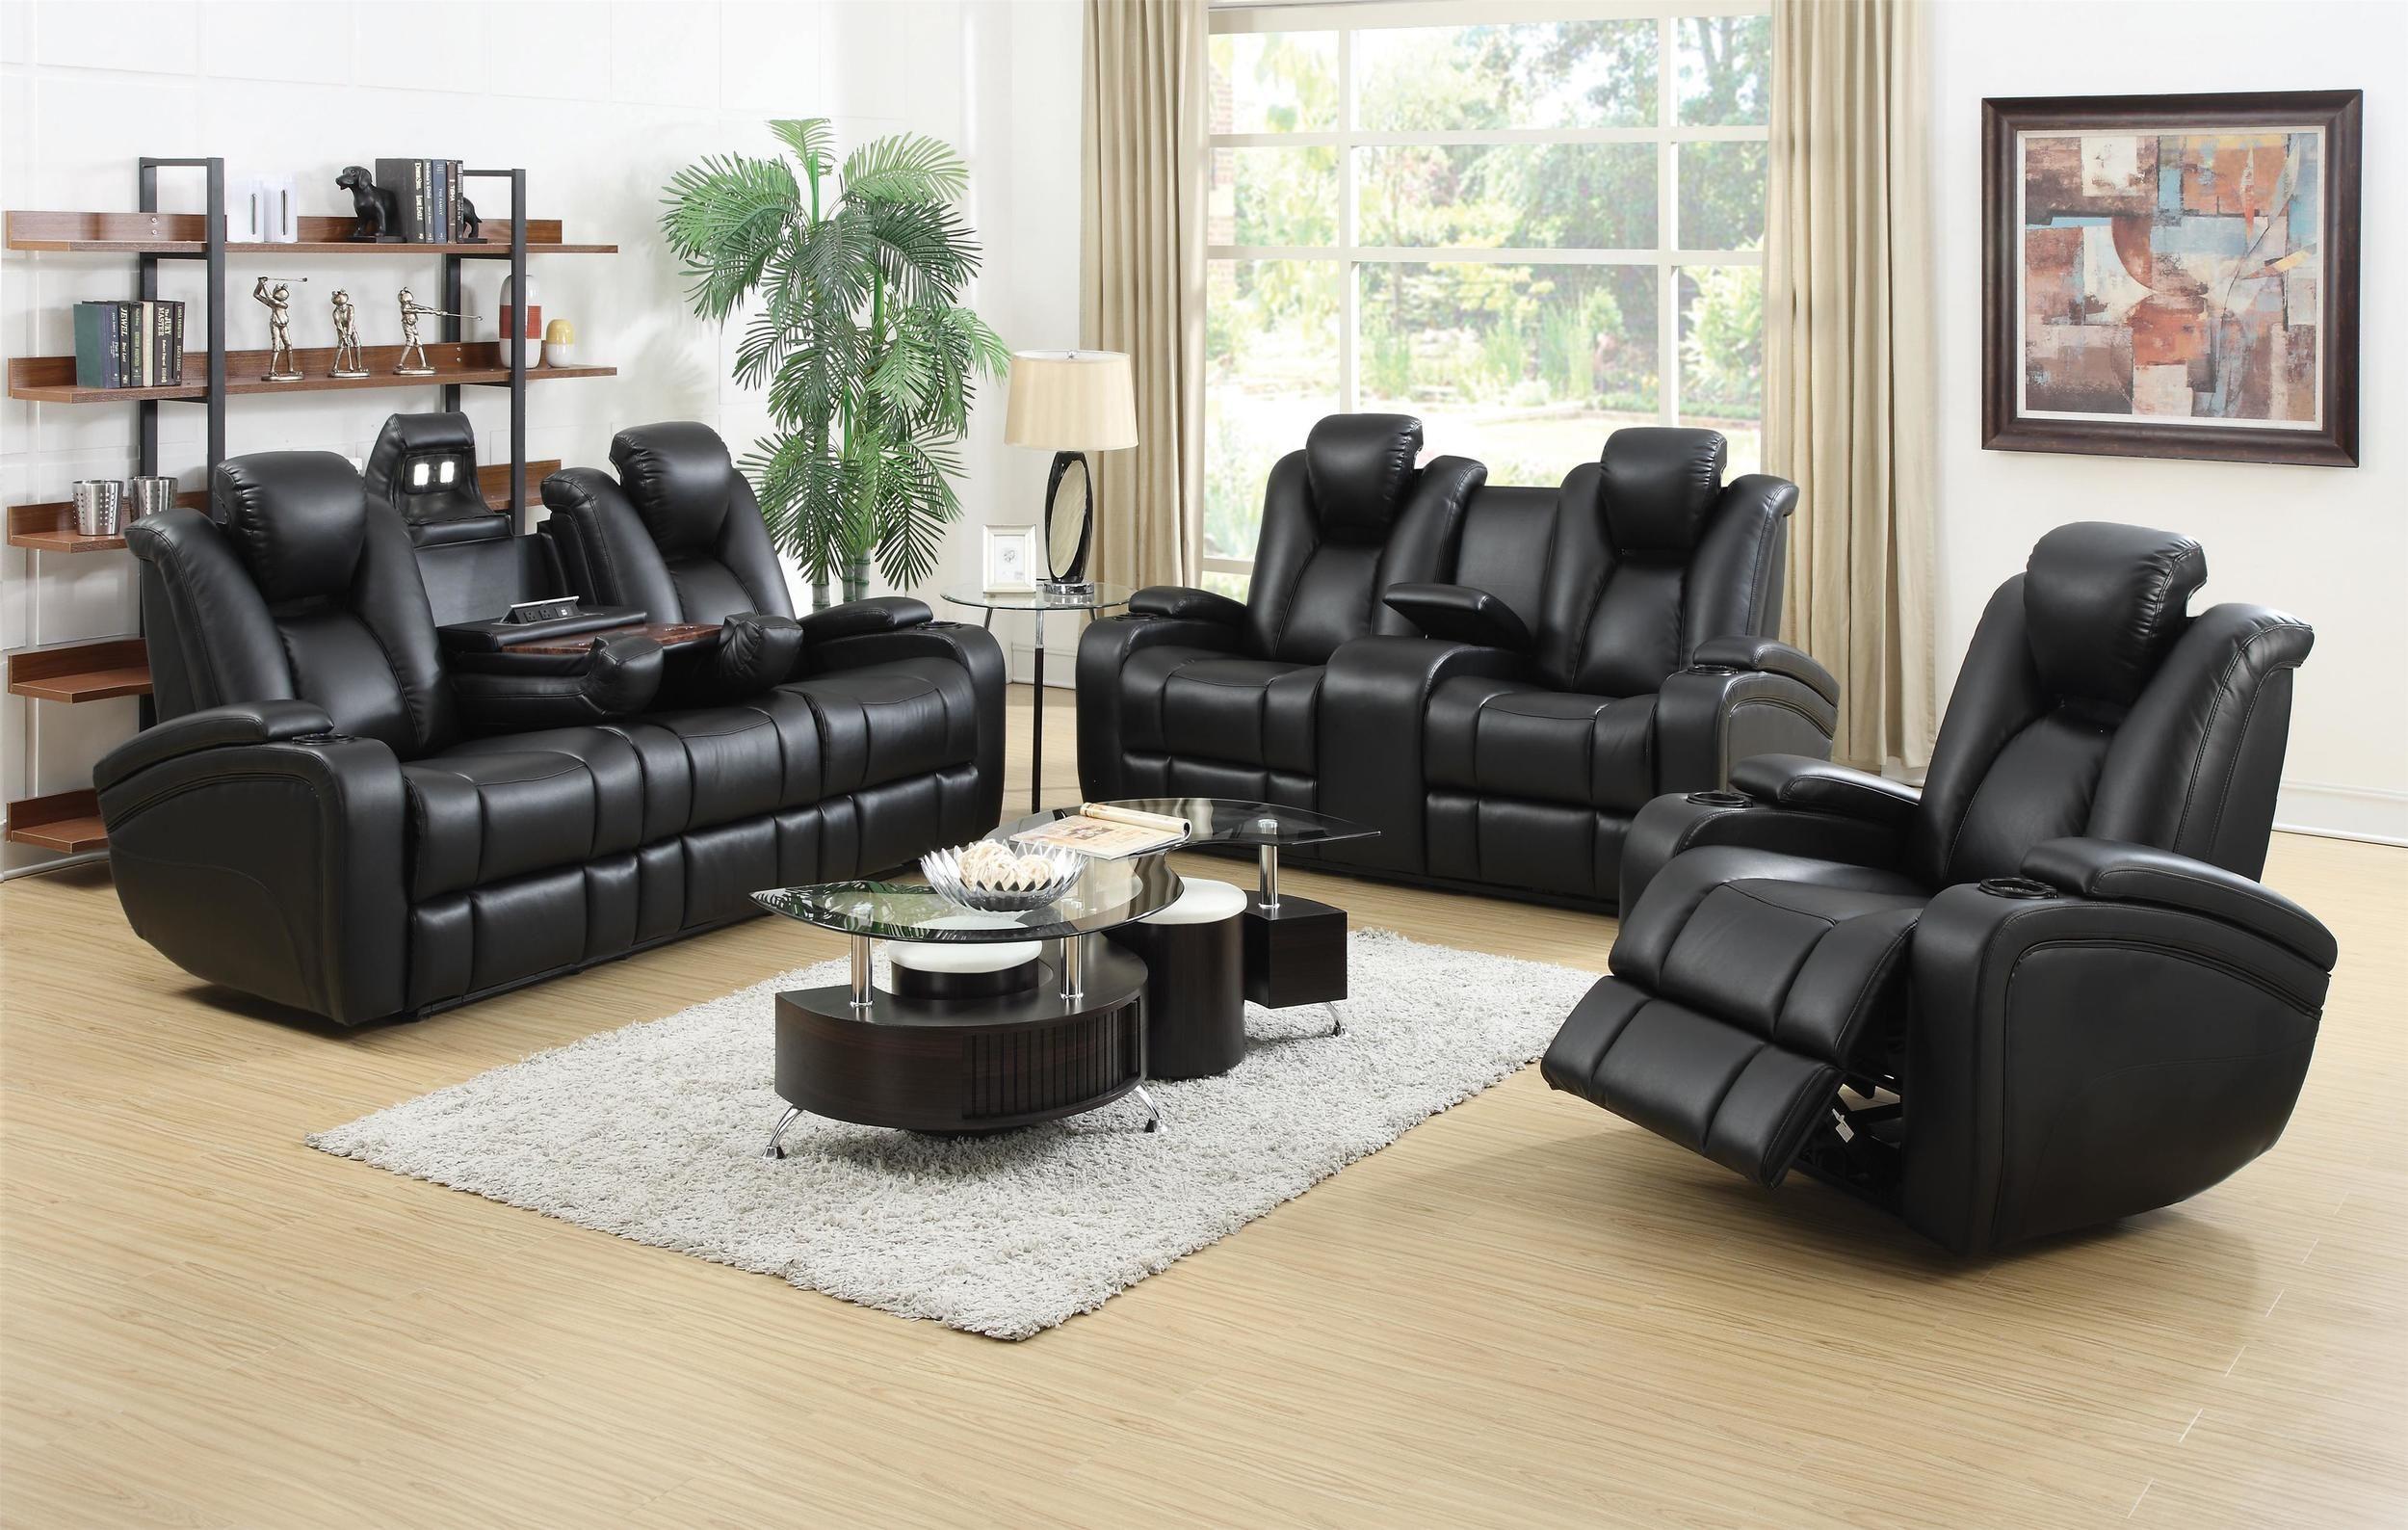 Coaster Delange Reclining Power Sofa With Adjustable Headrests U0026 Storage In  Armrests   Coaster Fine Furniture